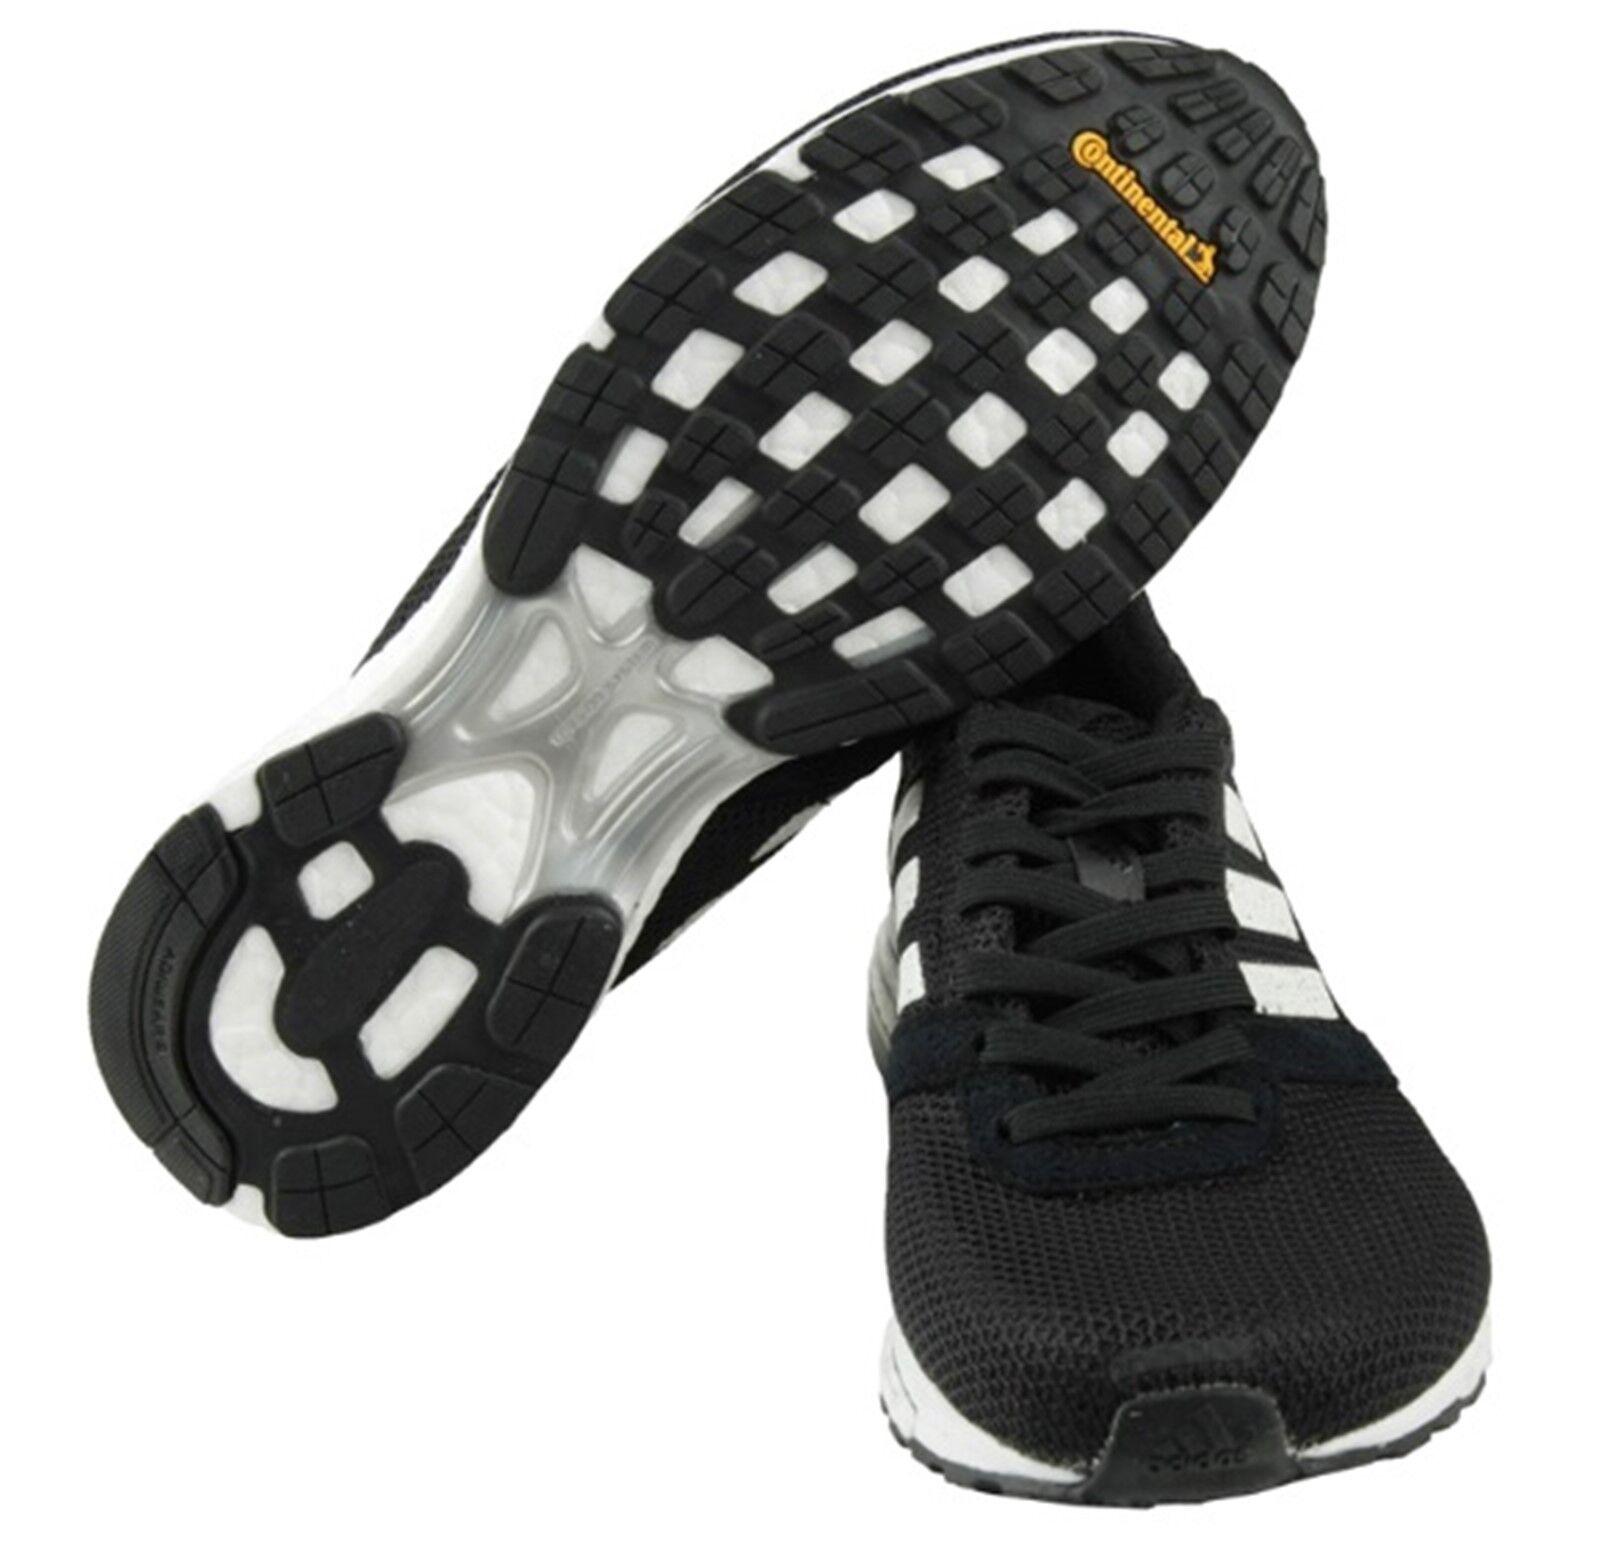 Adidas Mujer Adizero Adios 4 Zapatos Zapatillas De Correr Entrenamiento Calzado Negro B37377